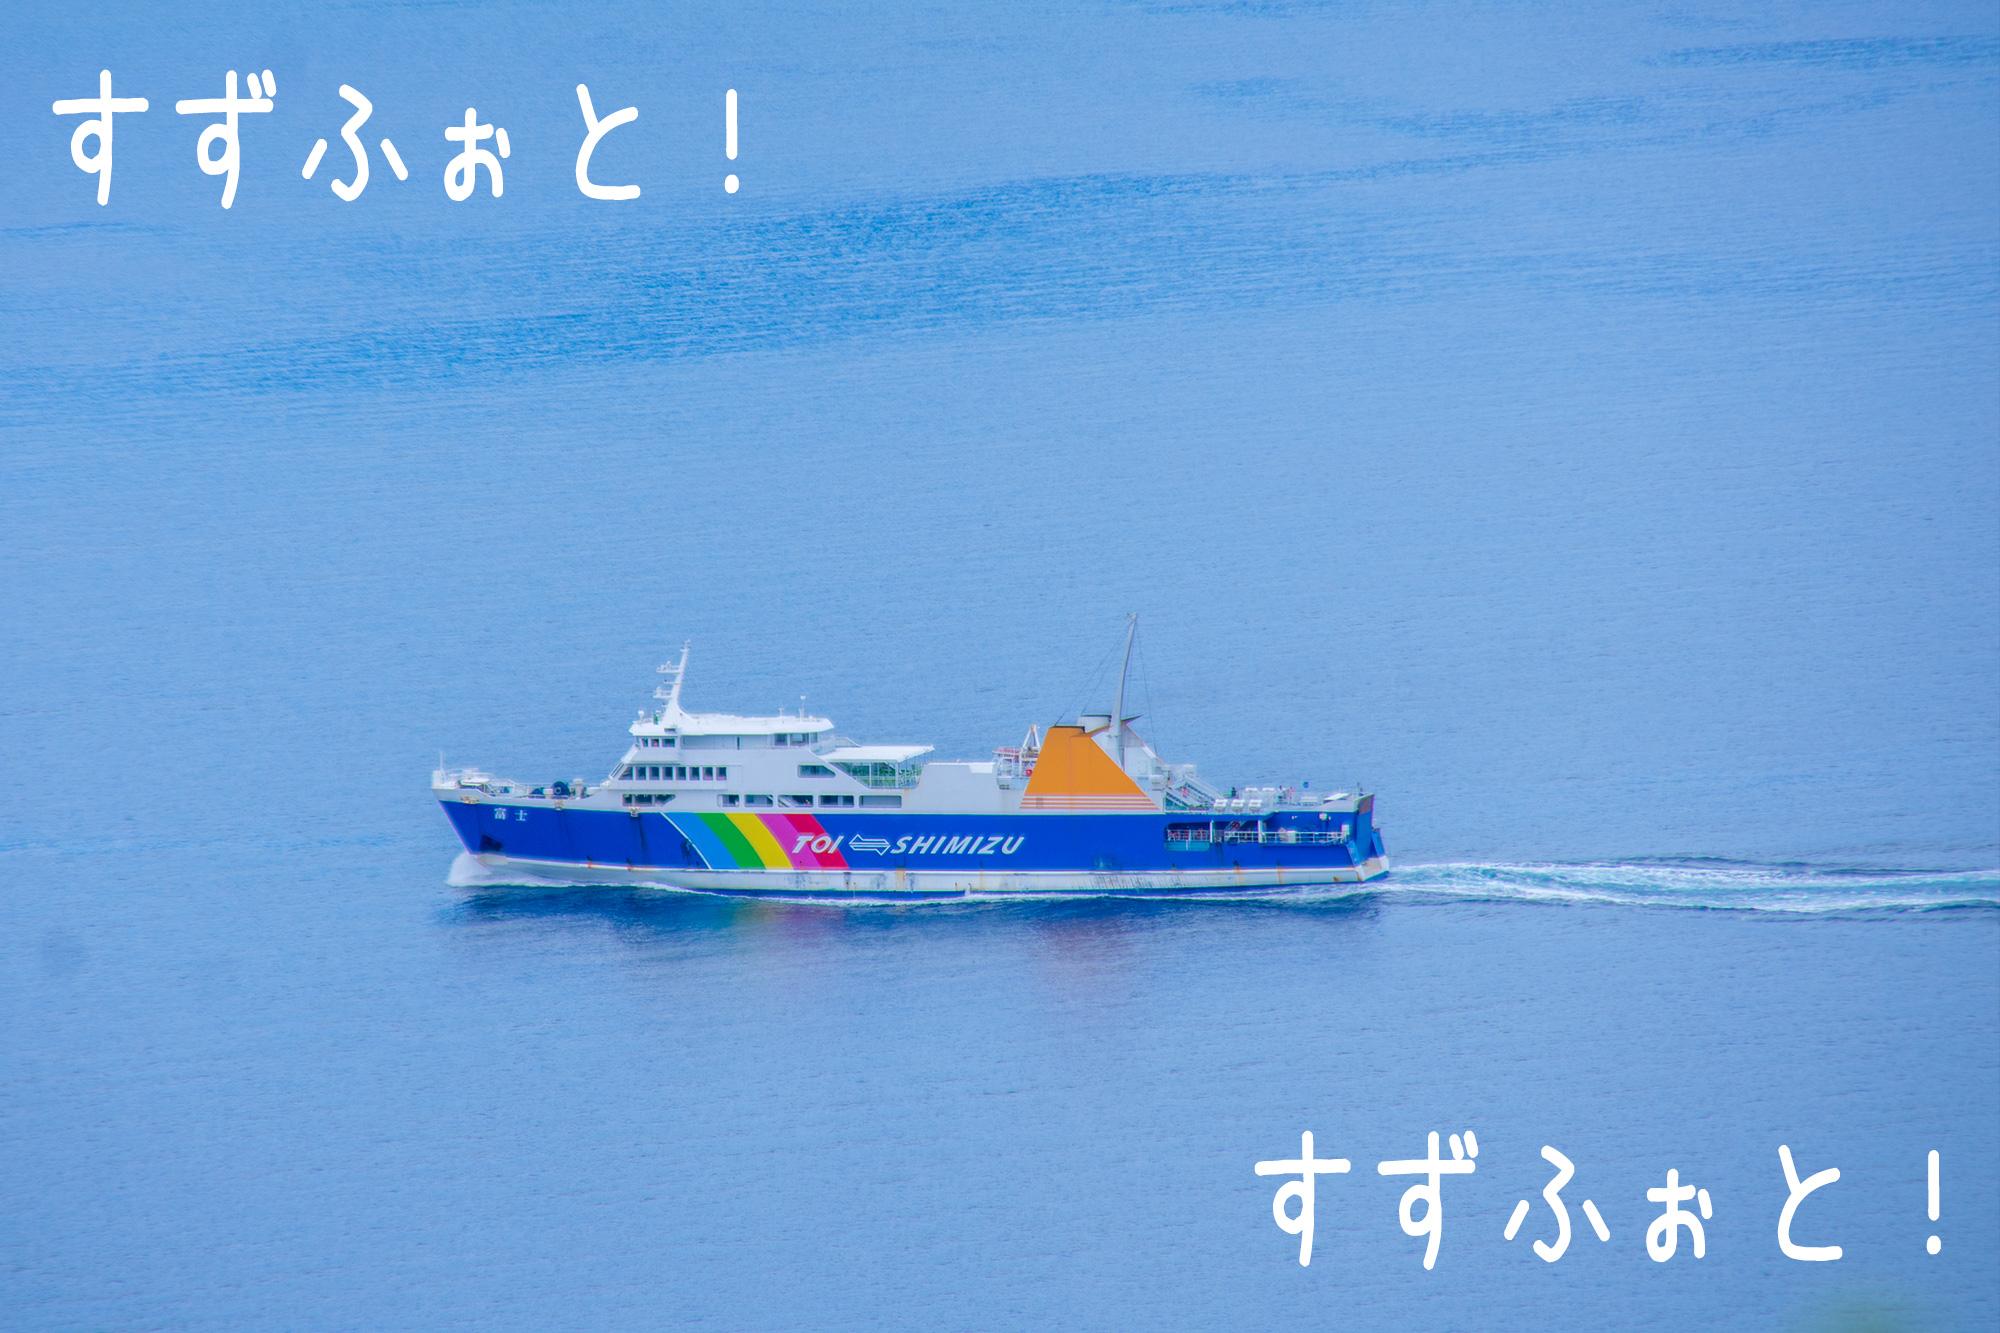 フェリー 駿河 湾 富士山清水港クルーズ株式会社とは